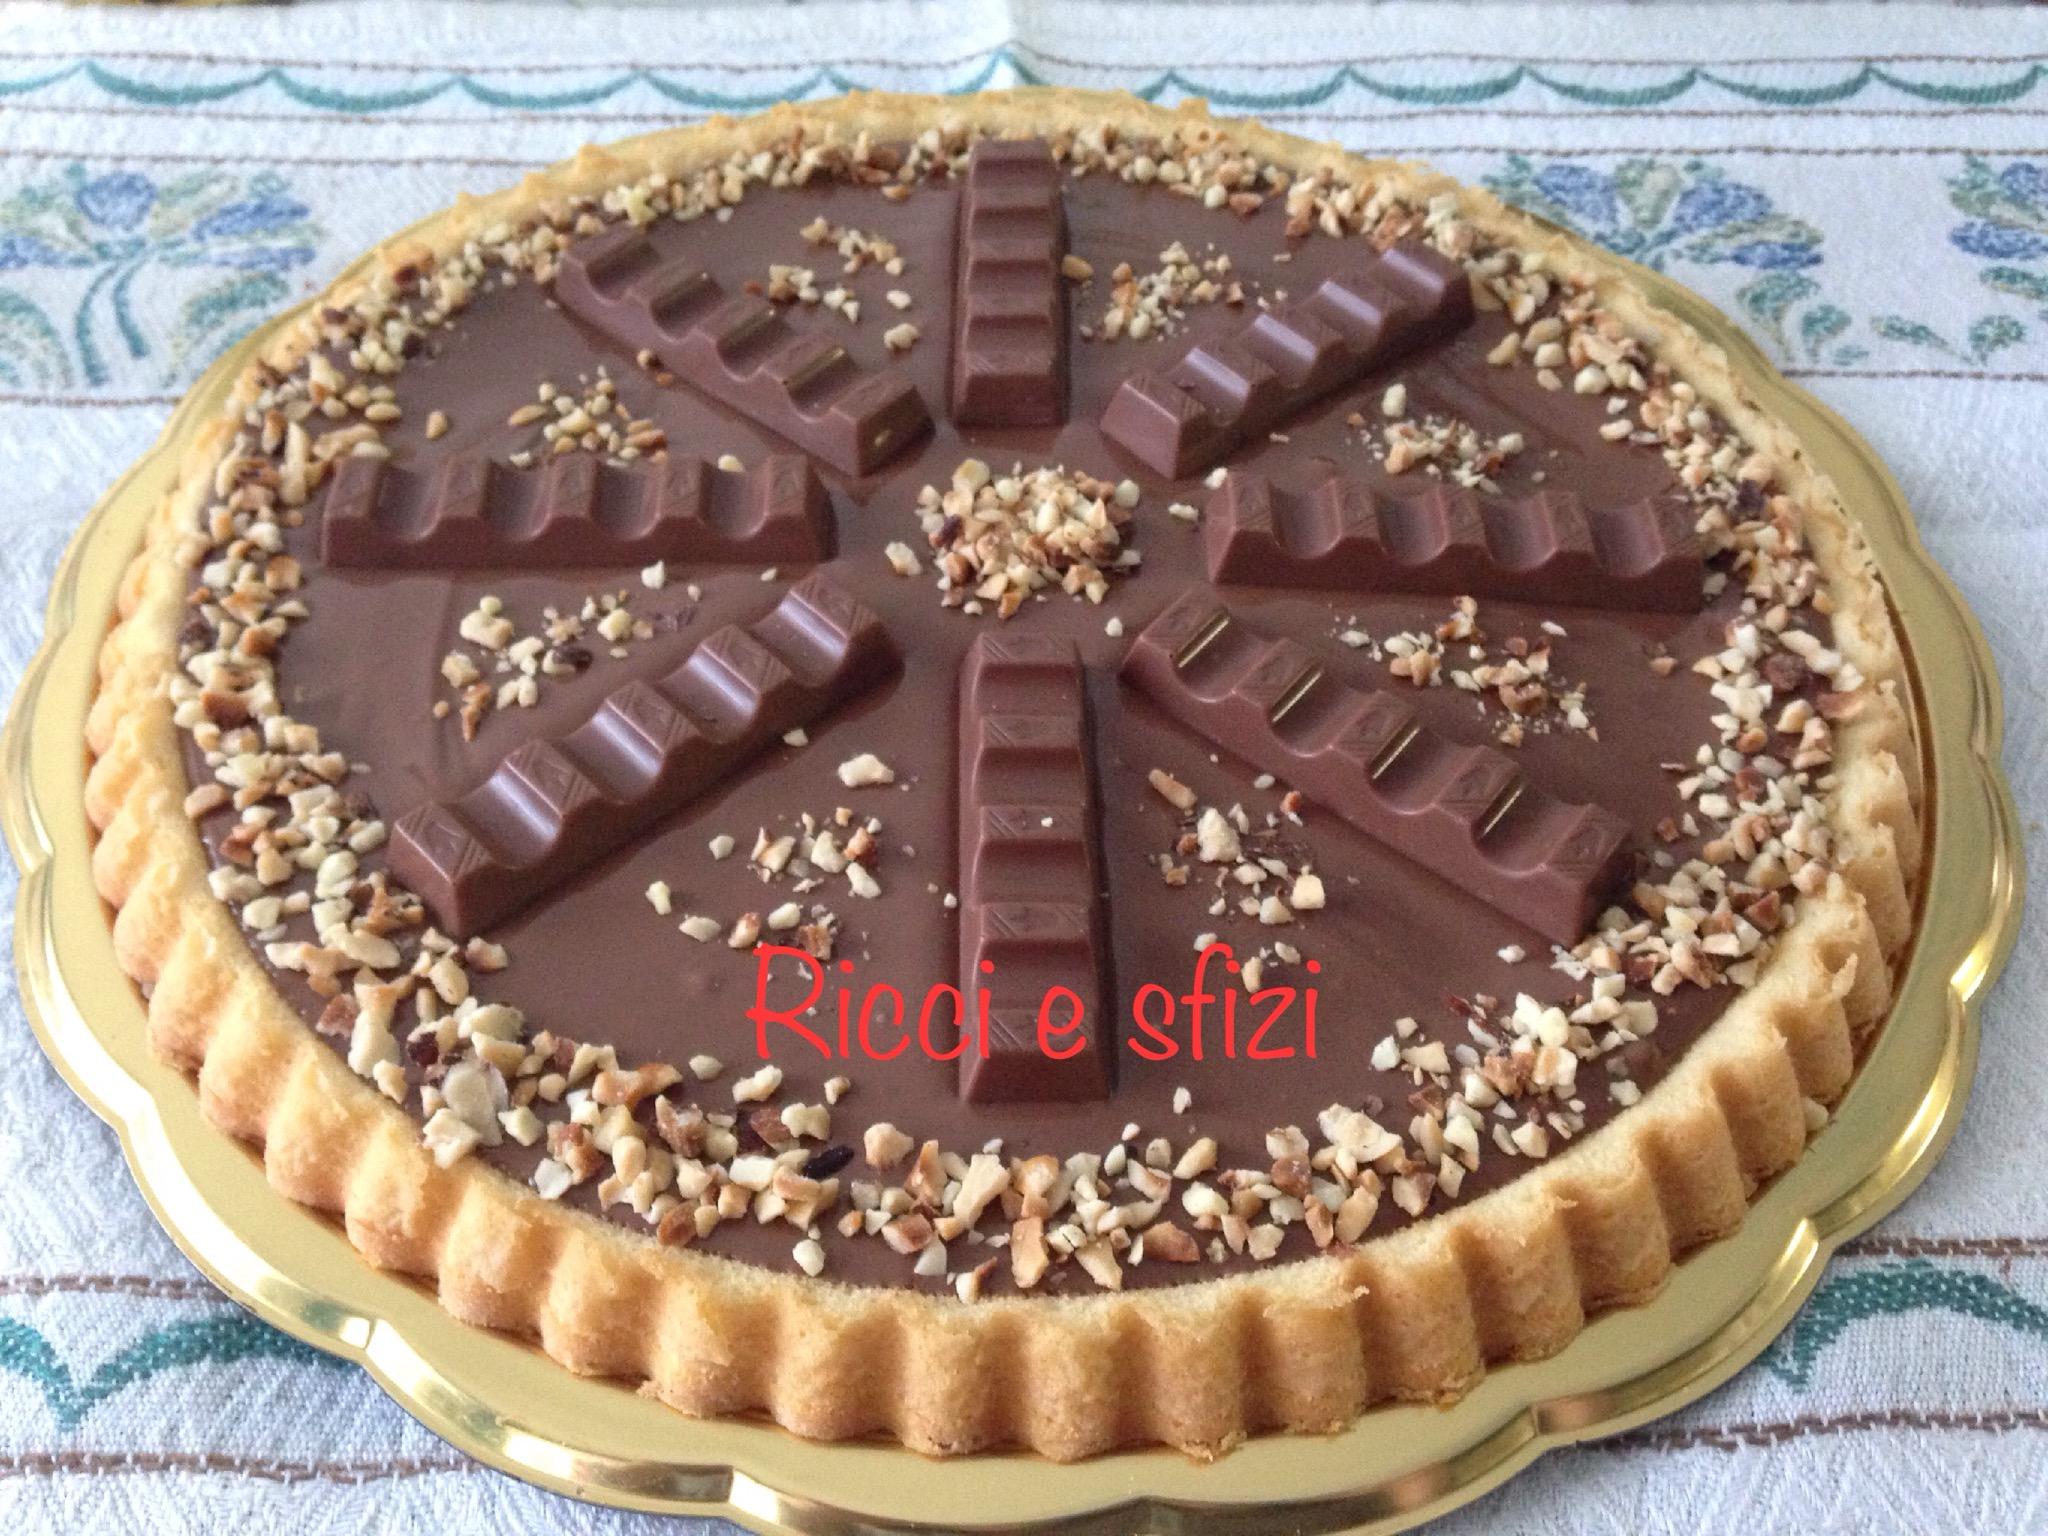 Eccezionale Crostata morbida Nutella e Kinder | Ricci e sfizi NW35